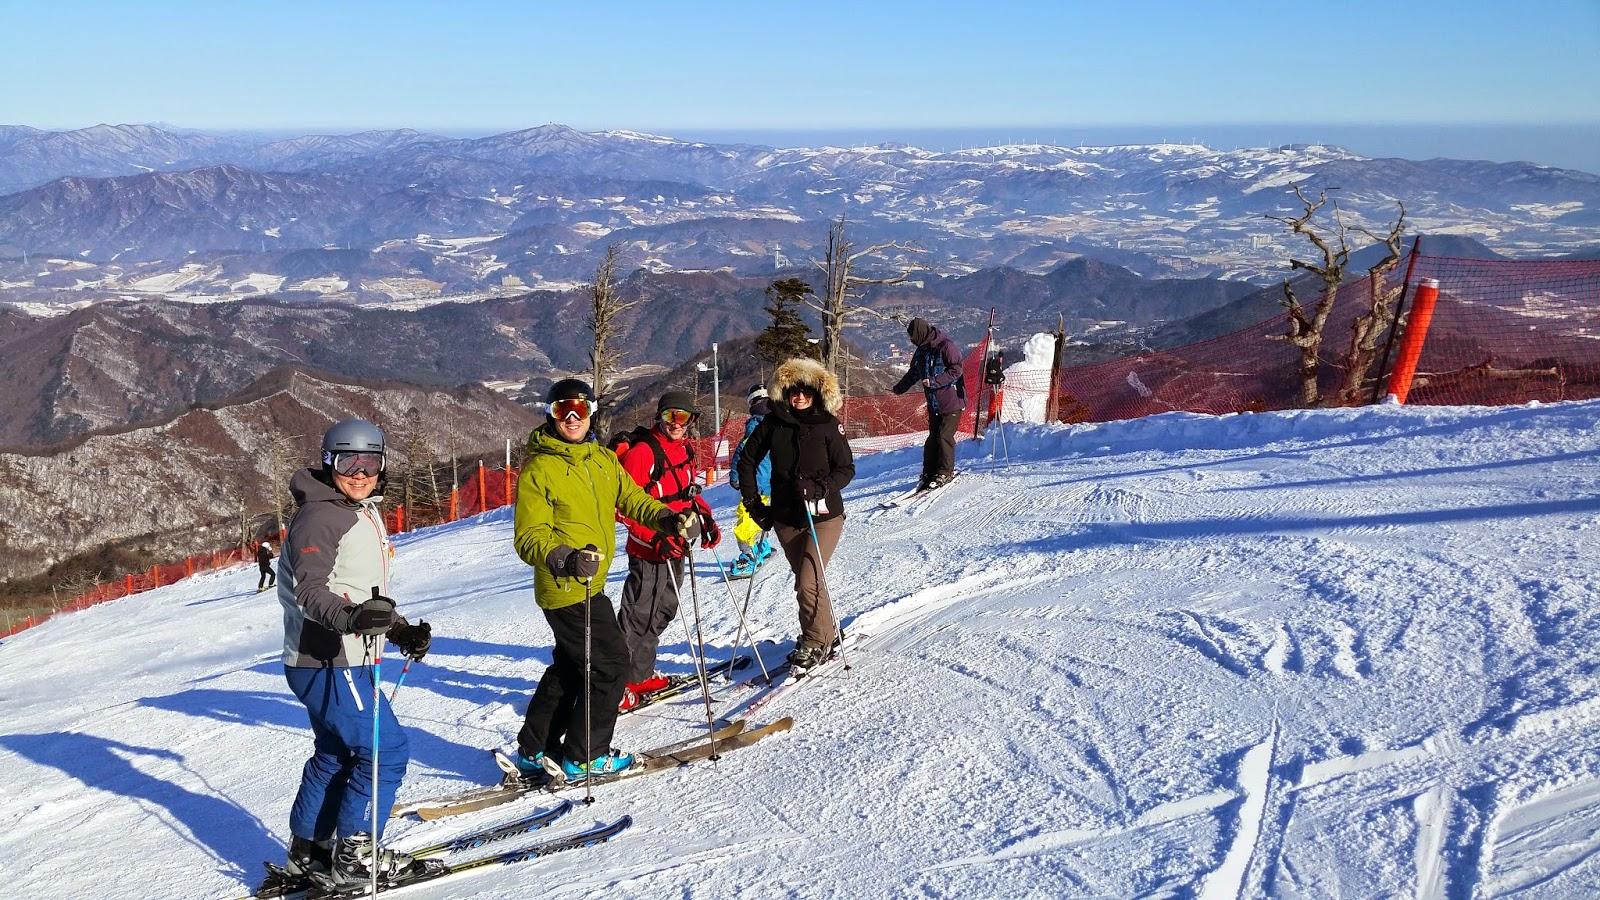 seoul adventure: yongpyong ski resort: korea best, not world class